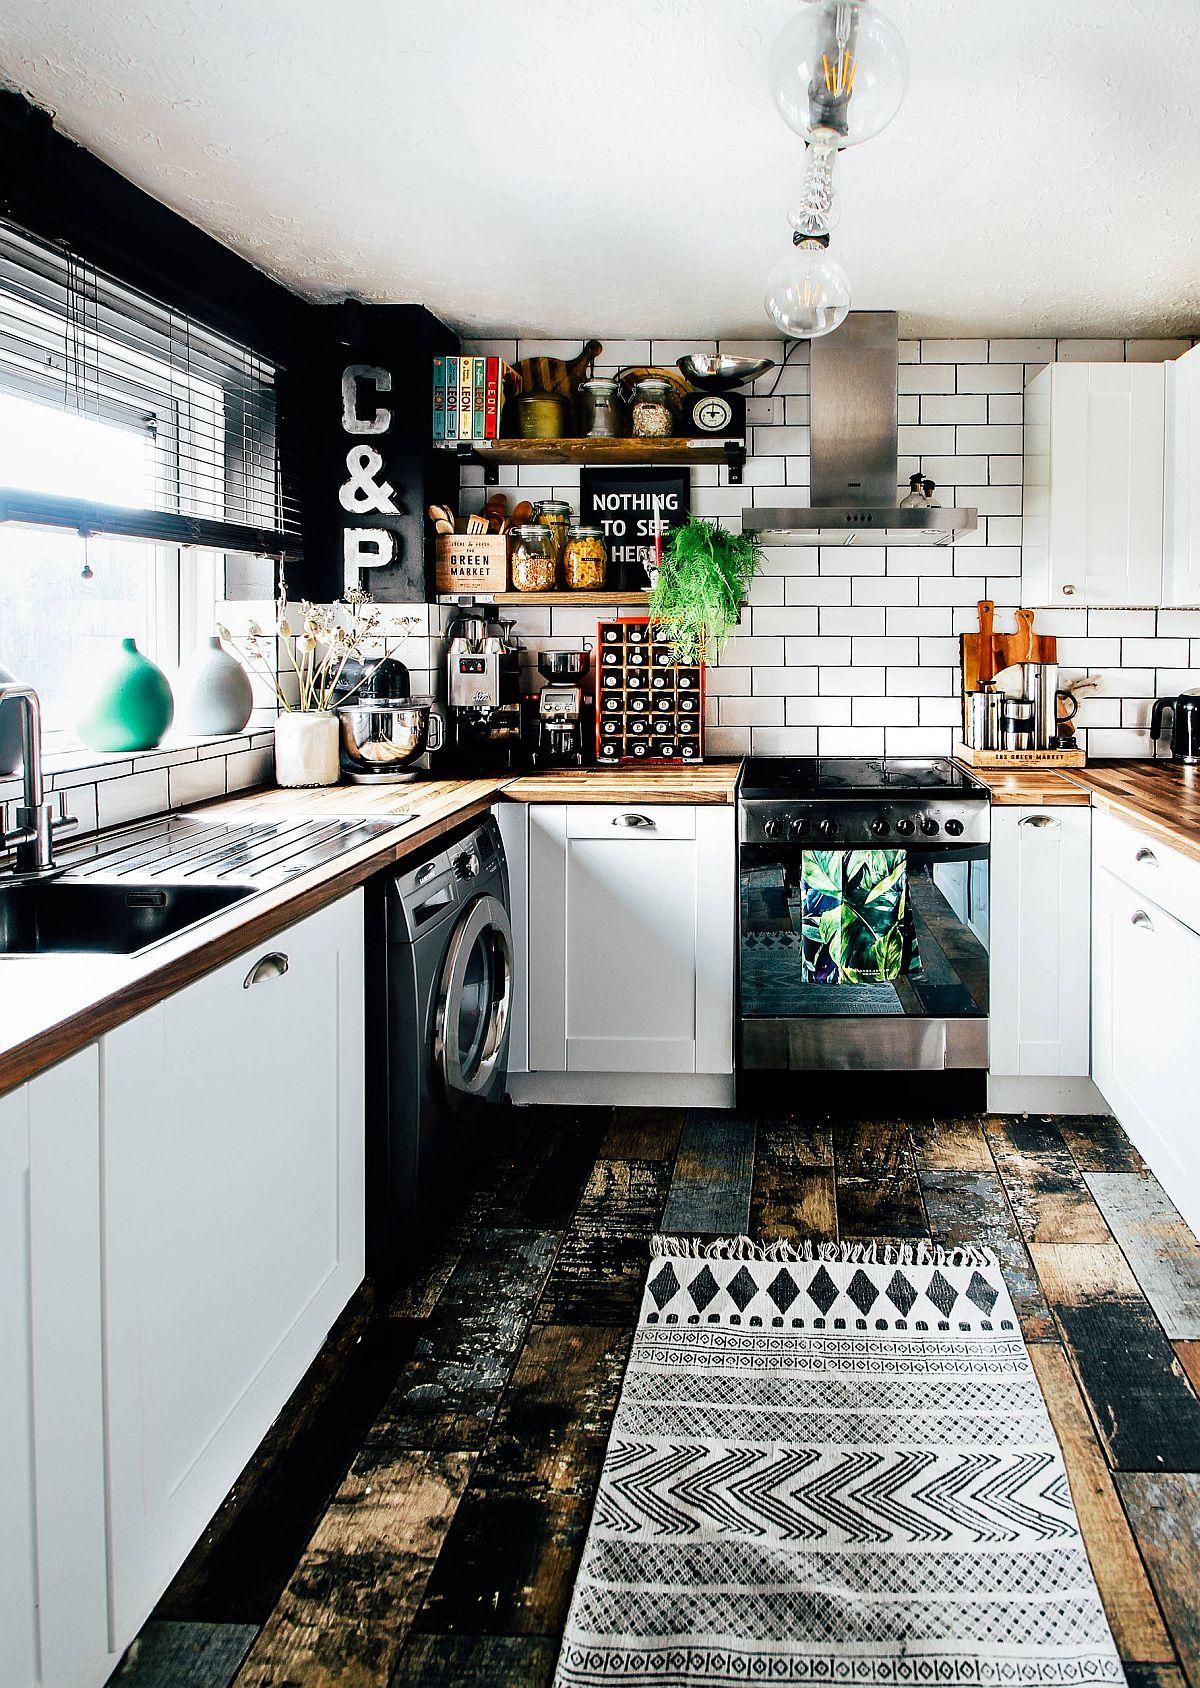 Ngắm những căn bếp nhỏ đầy màu sắc, đẹp đến mức làm xiêu lòng bất cứ ai - Ảnh 17.